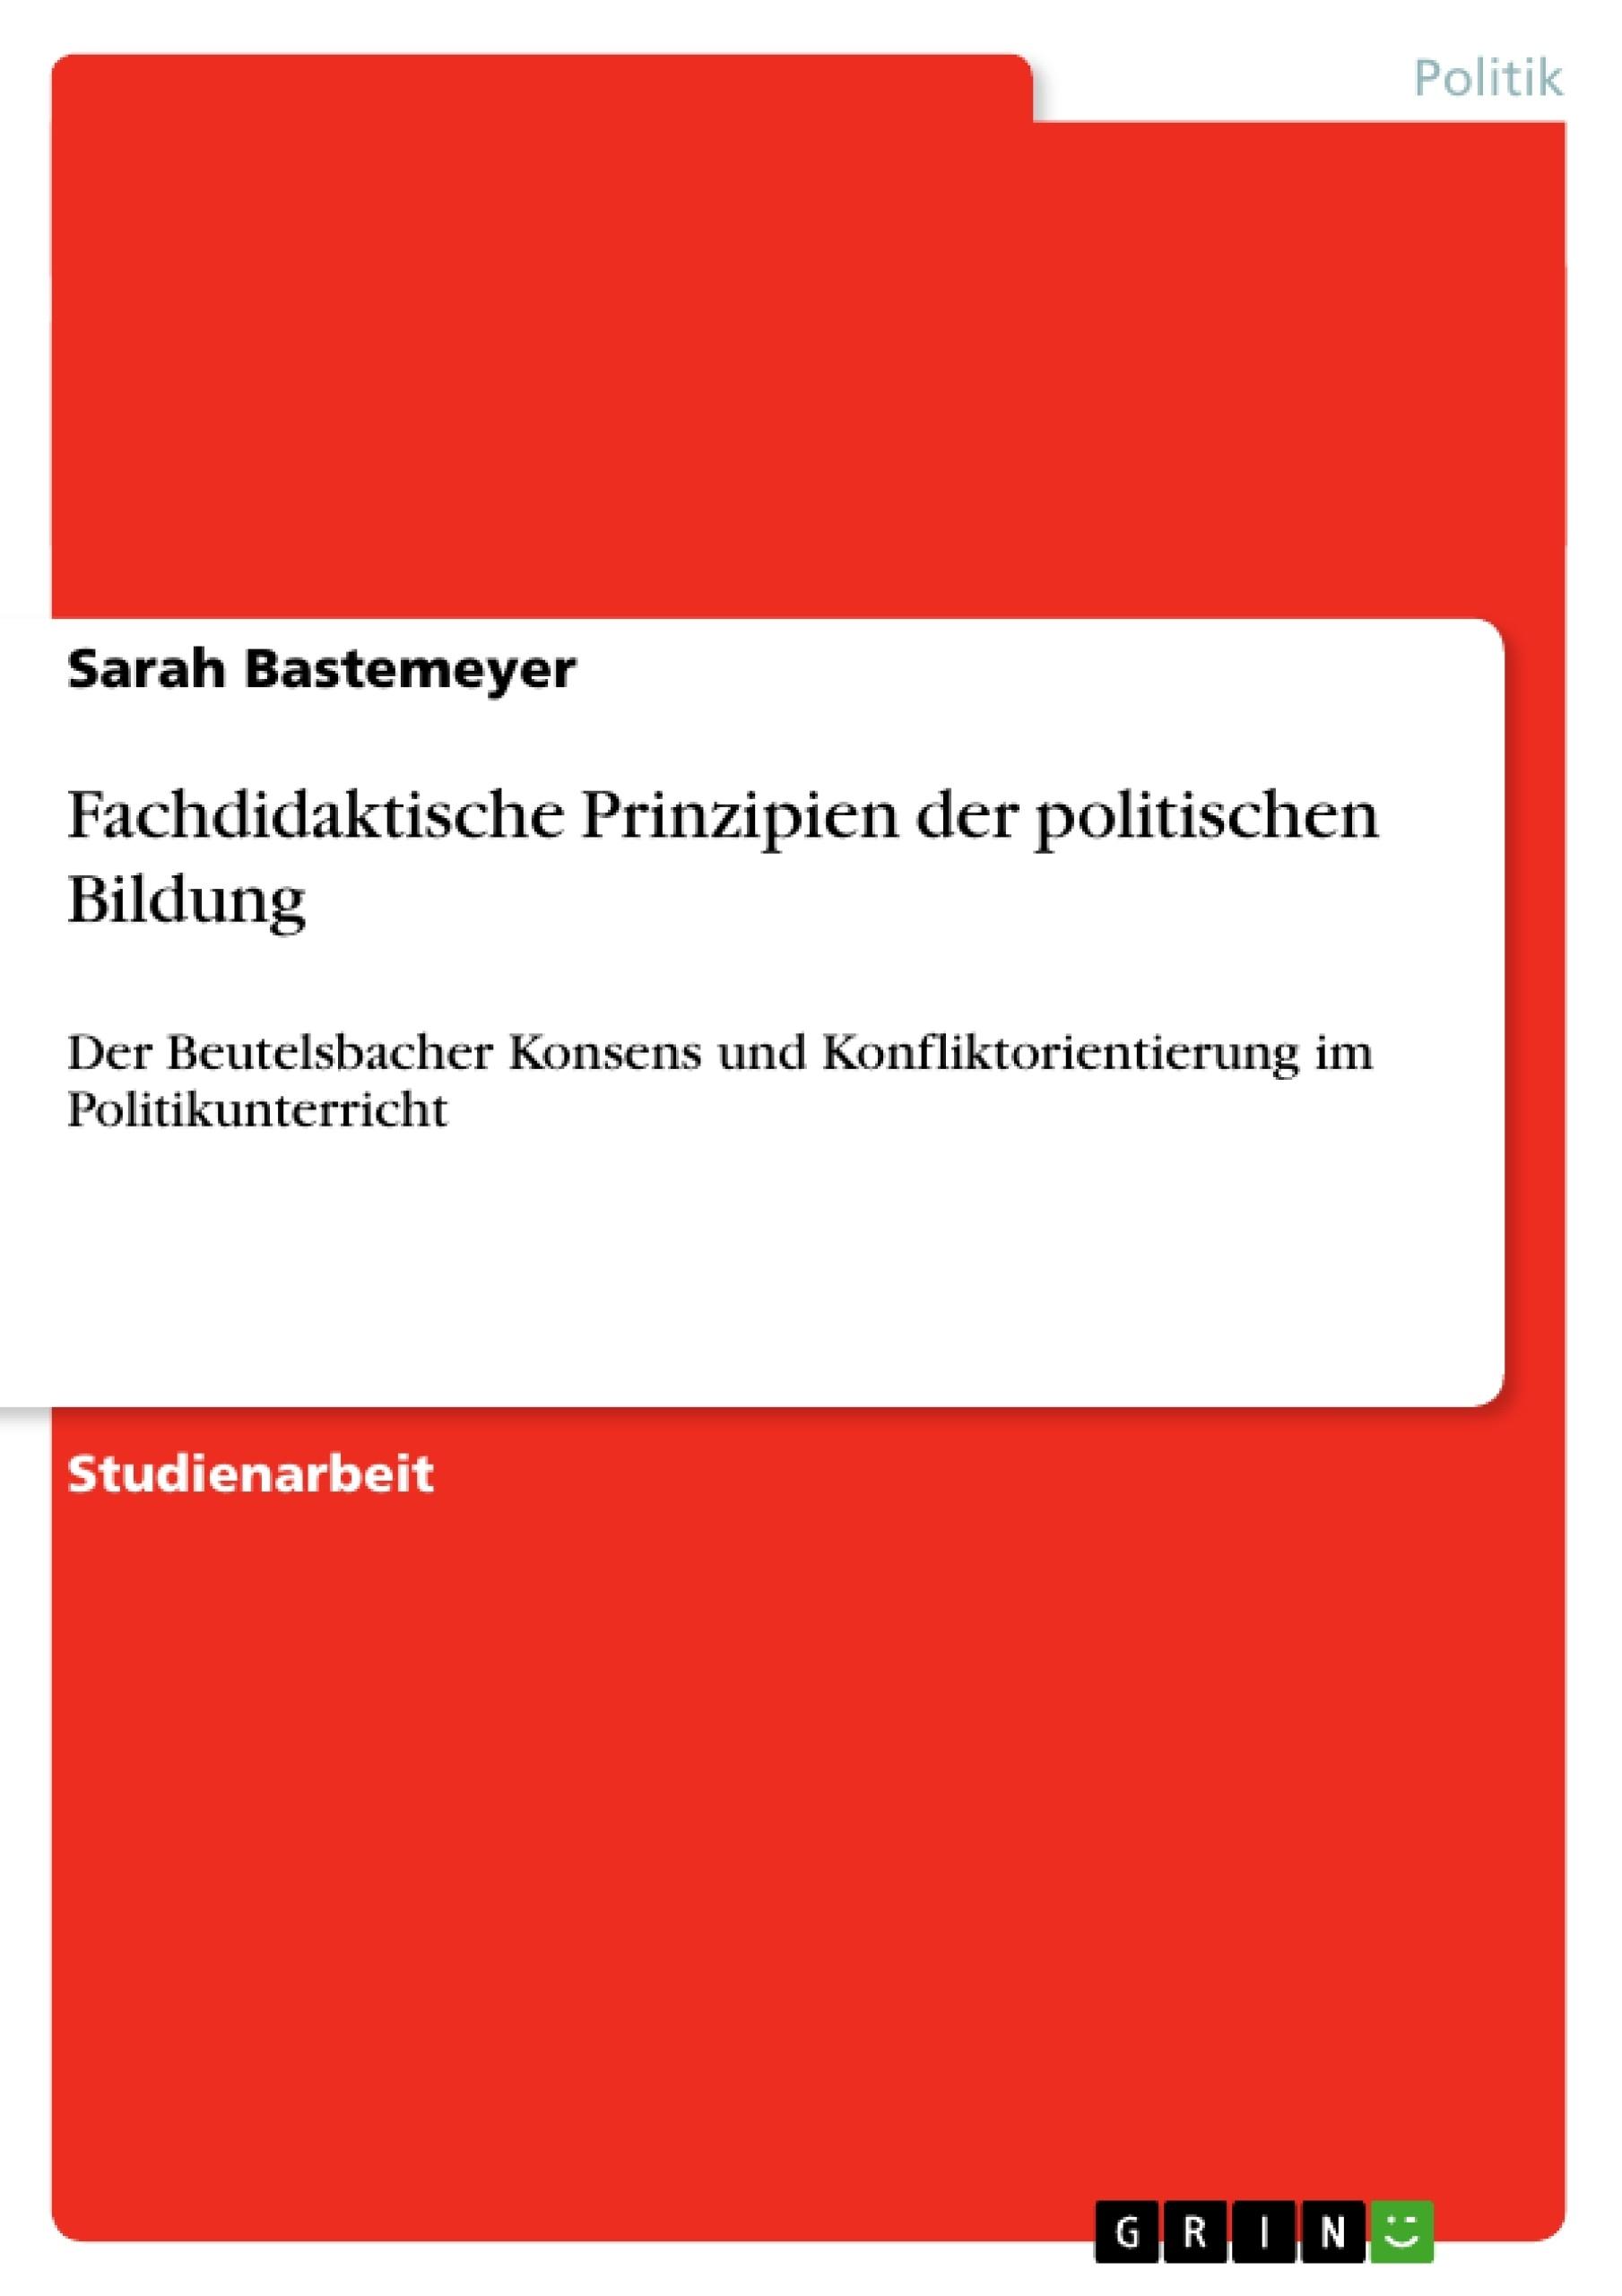 Titel: Fachdidaktische Prinzipien der politischen Bildung